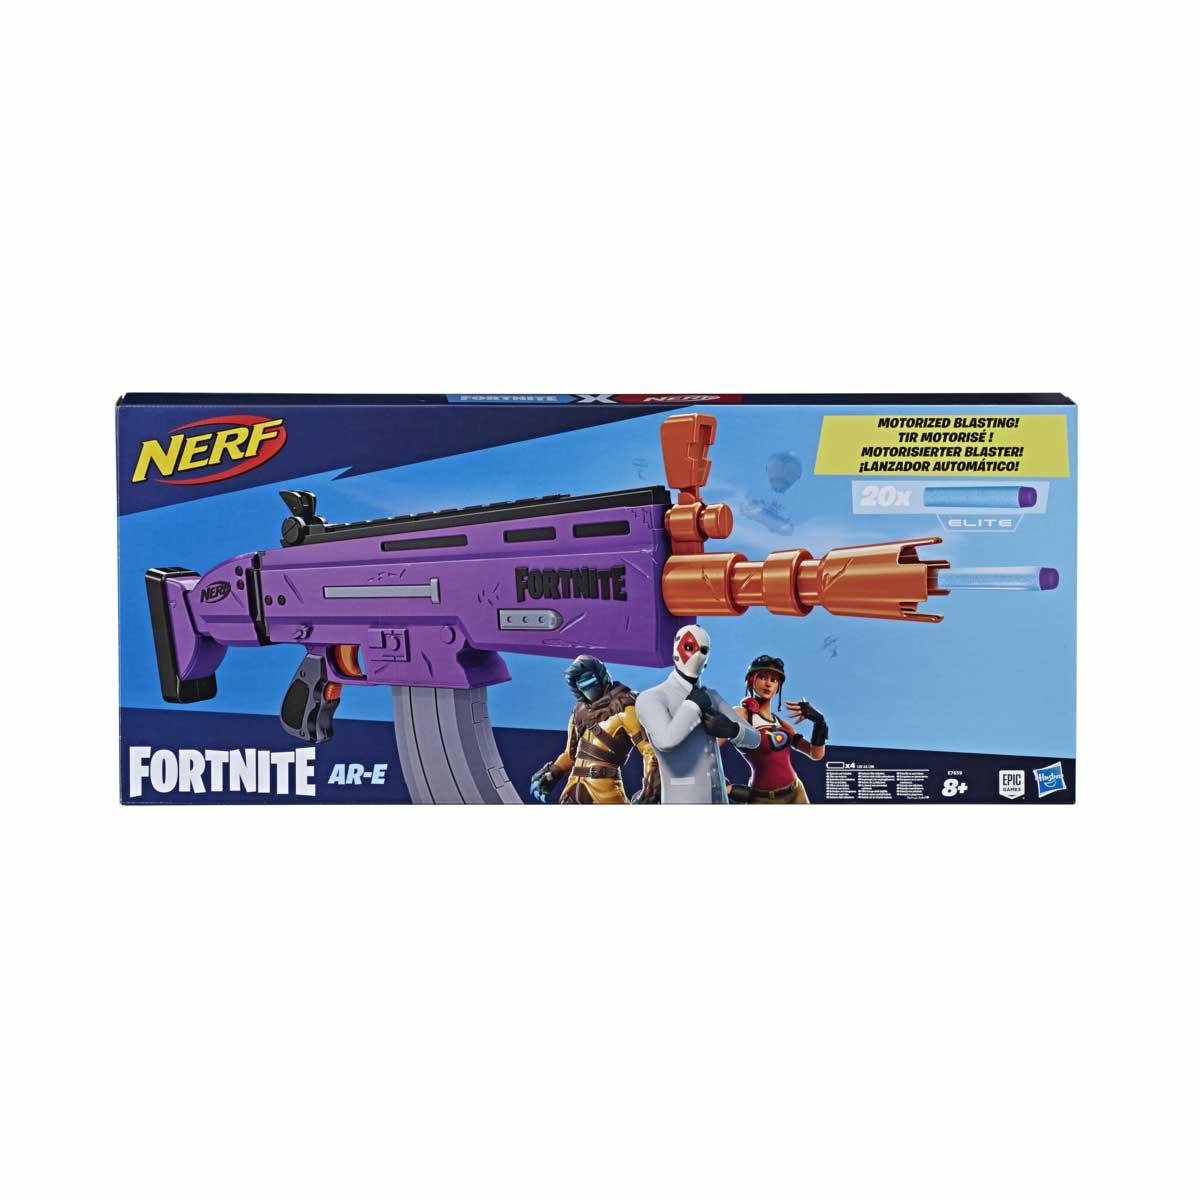 NERF, Fortnite AR-E